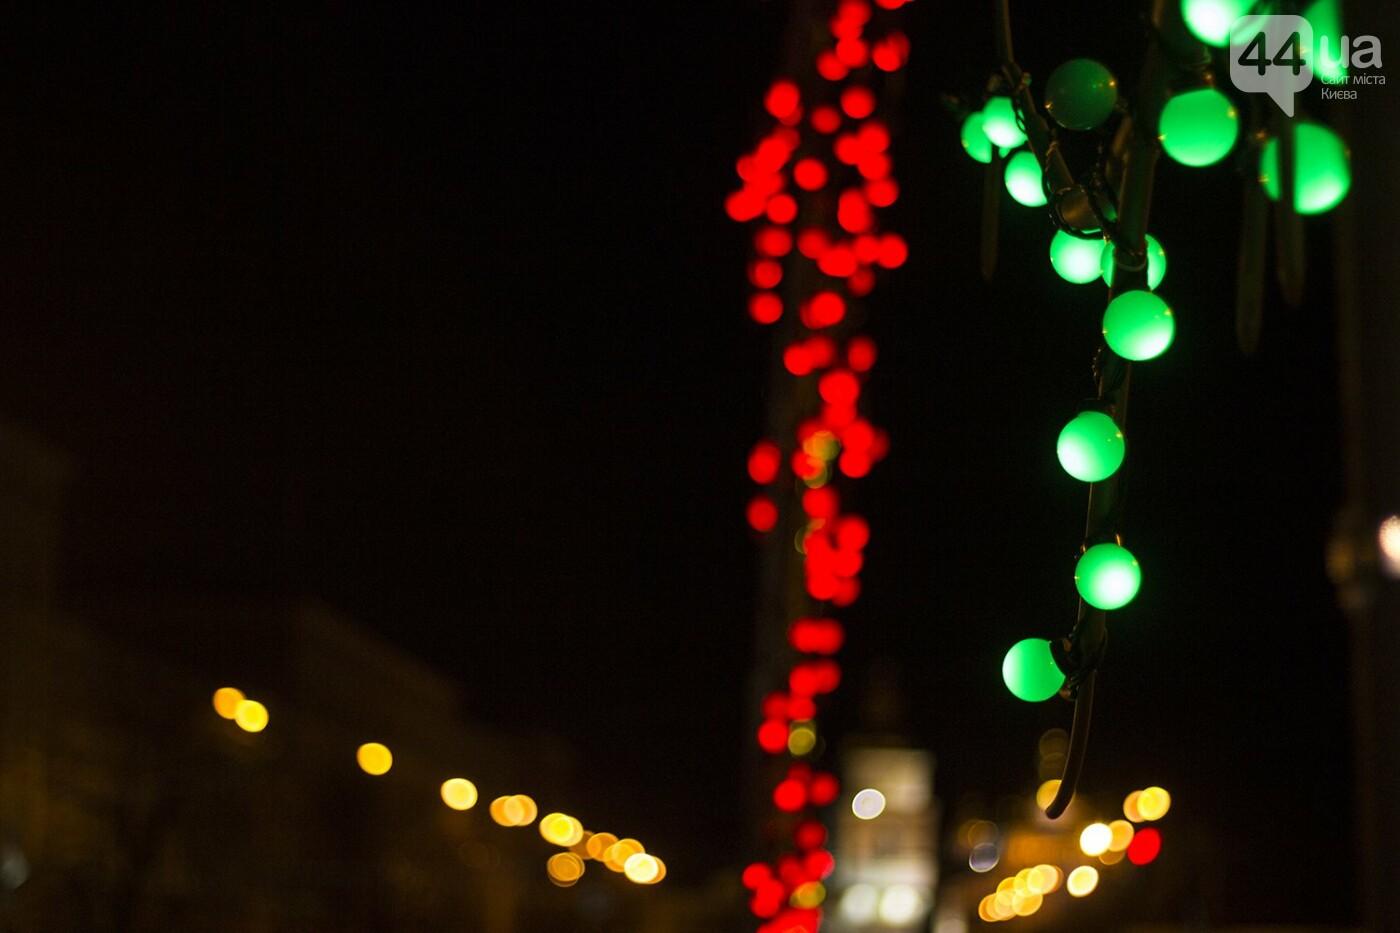 Пасхальная иллюминация: как выглядит фестиваль писанок ночью, фото-23